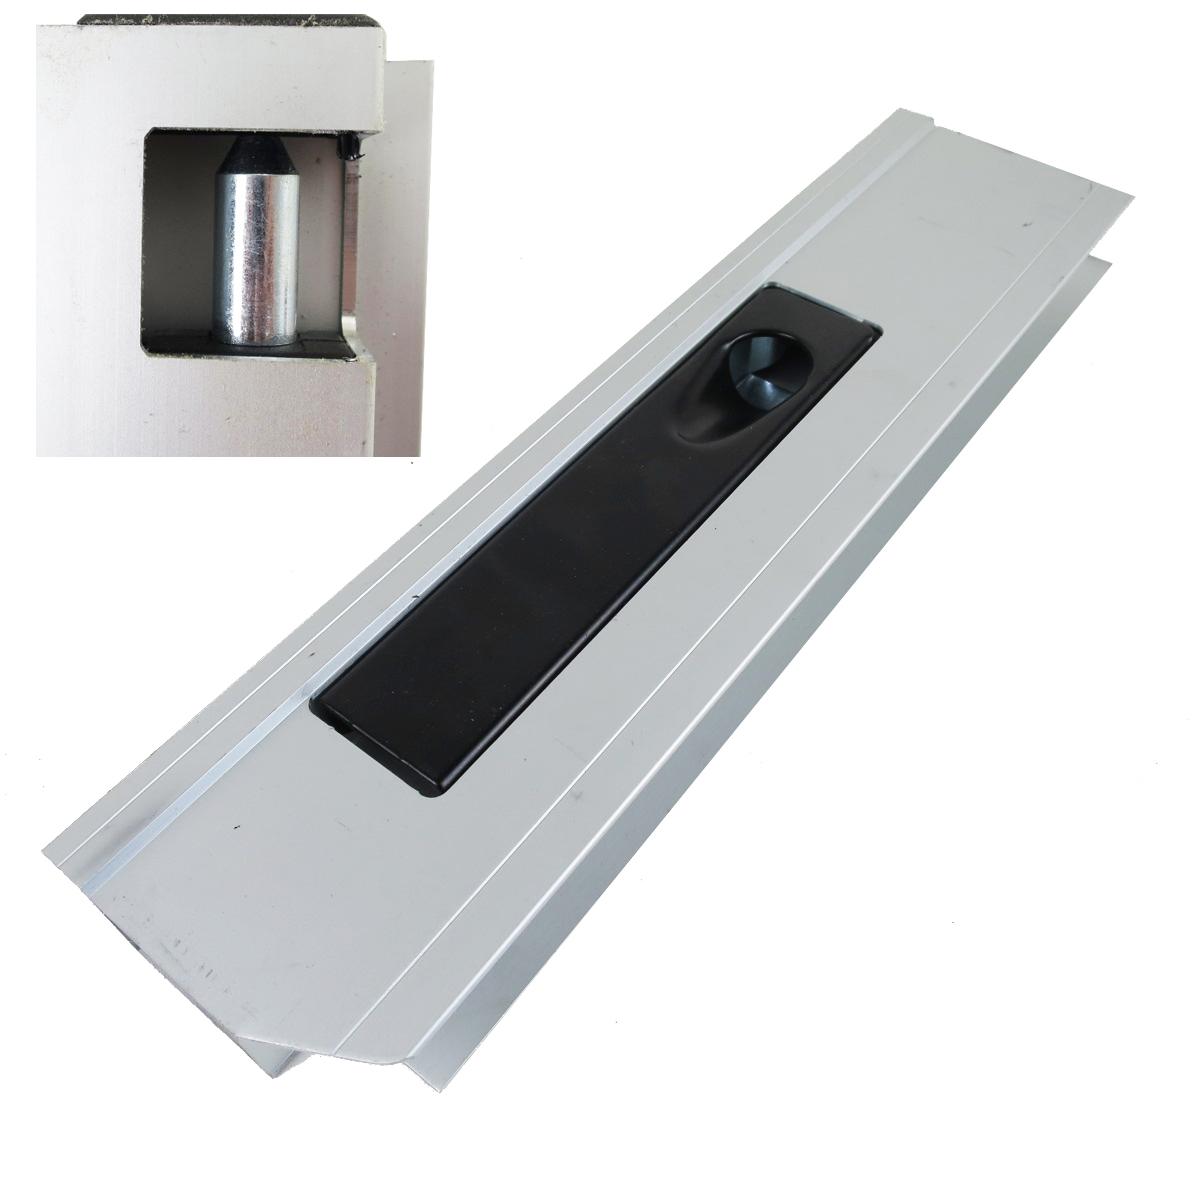 bordwandverschluss mit anschlag 350 mm links alu bordwand 25mm f r pkw anh nger 990003316. Black Bedroom Furniture Sets. Home Design Ideas